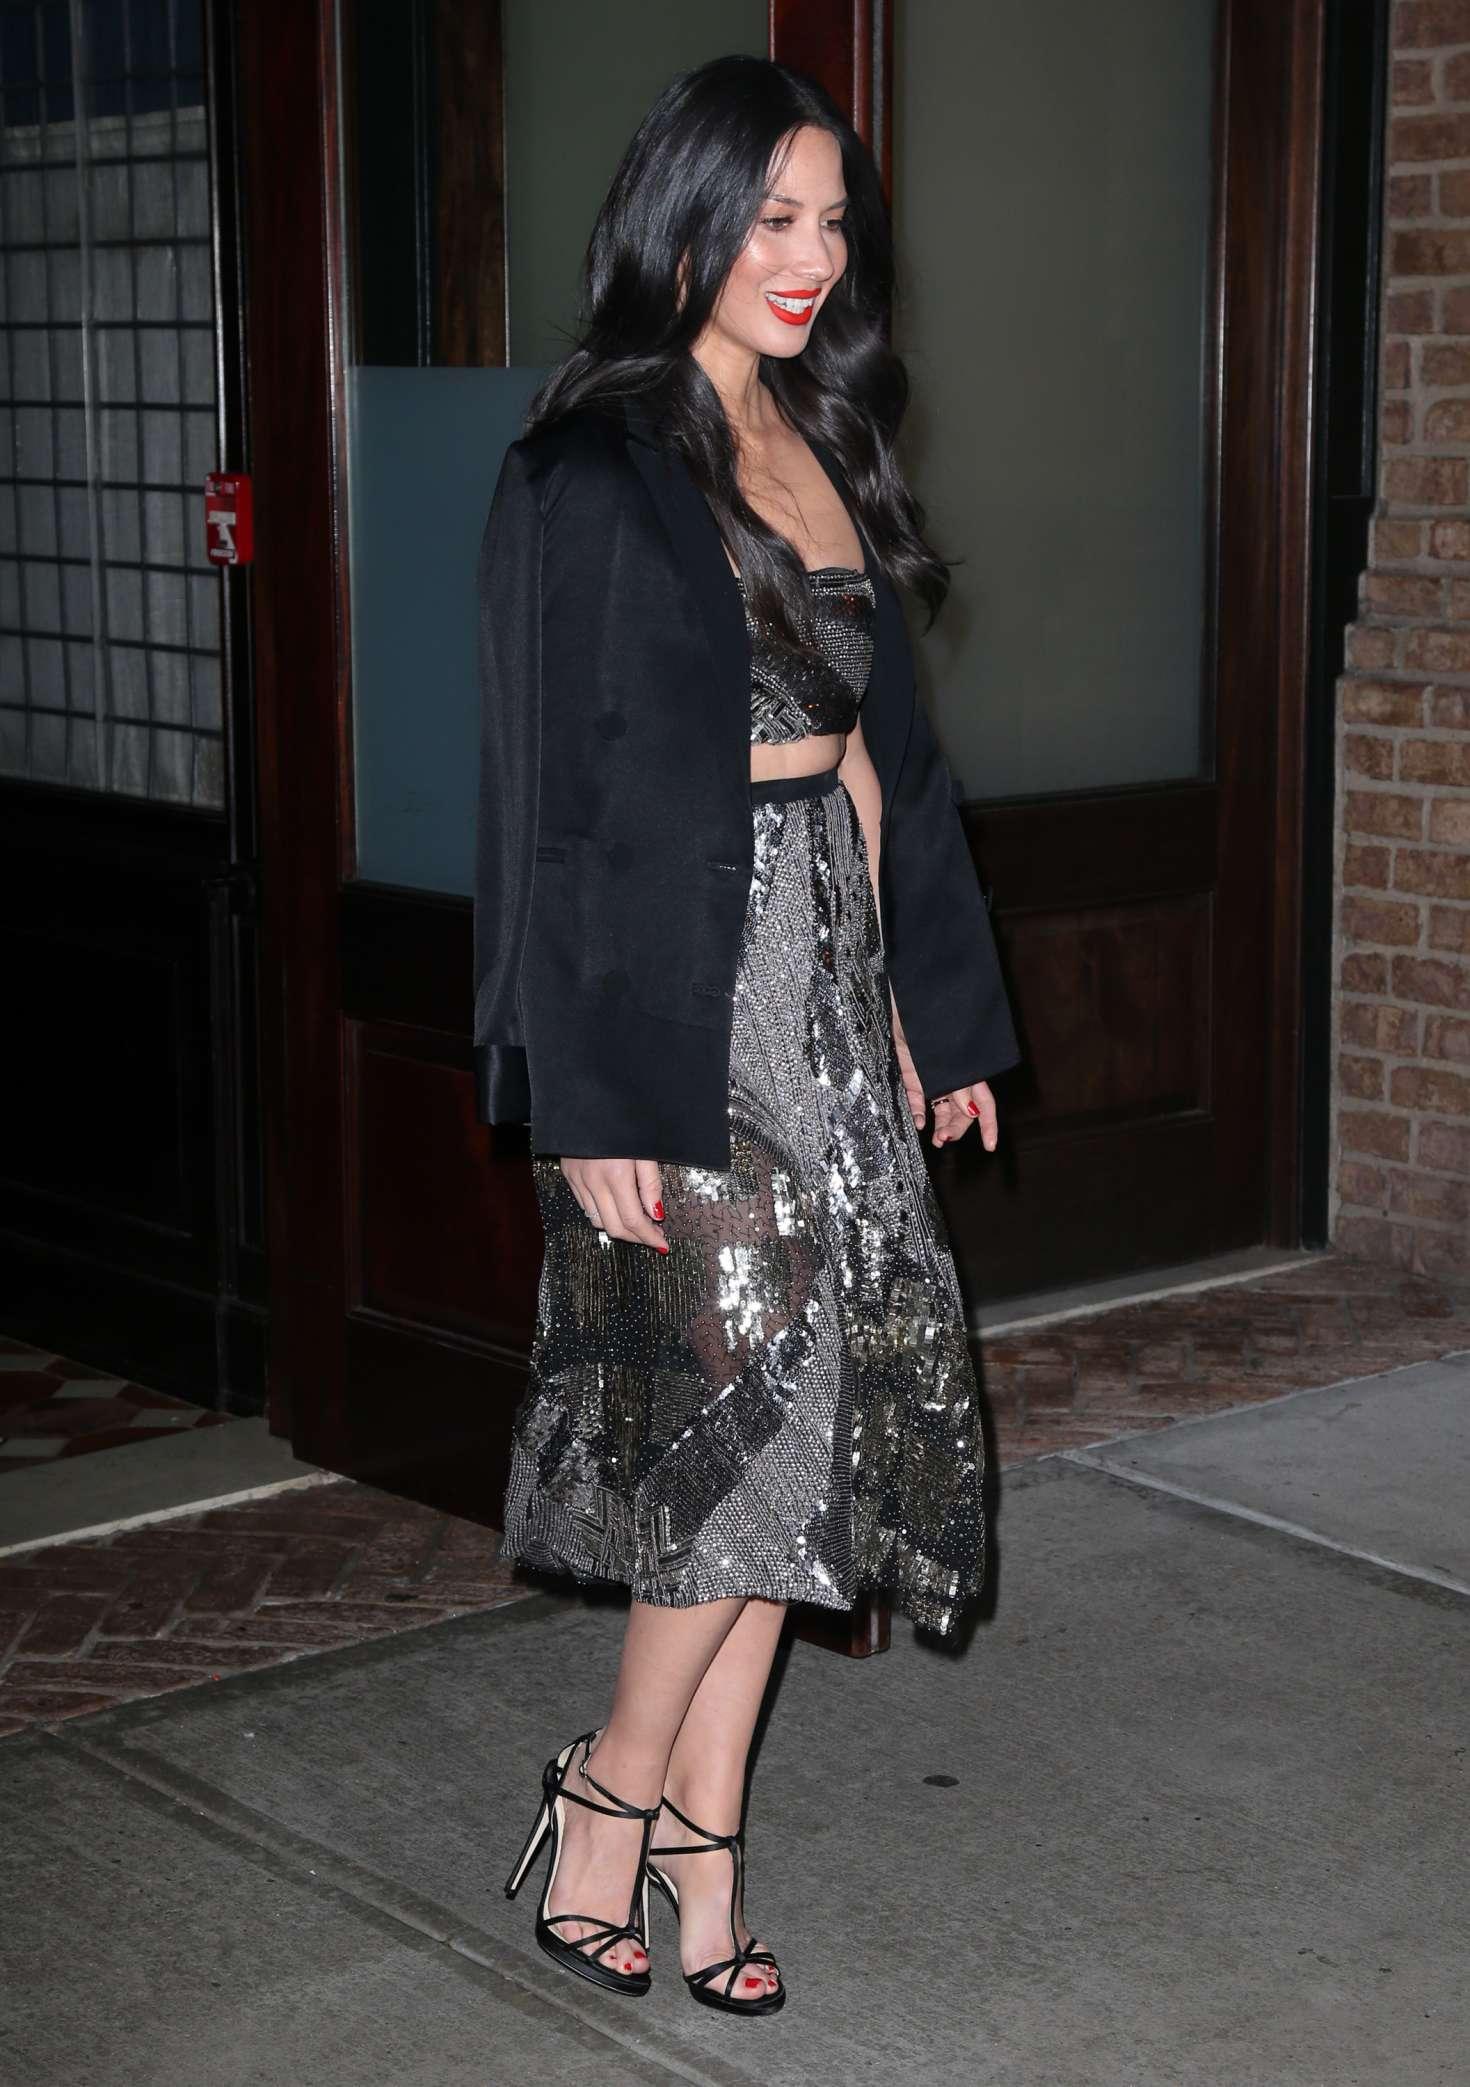 Olivia Munn 2016 : Olivia Munn Leaves her hotel in New York City -06